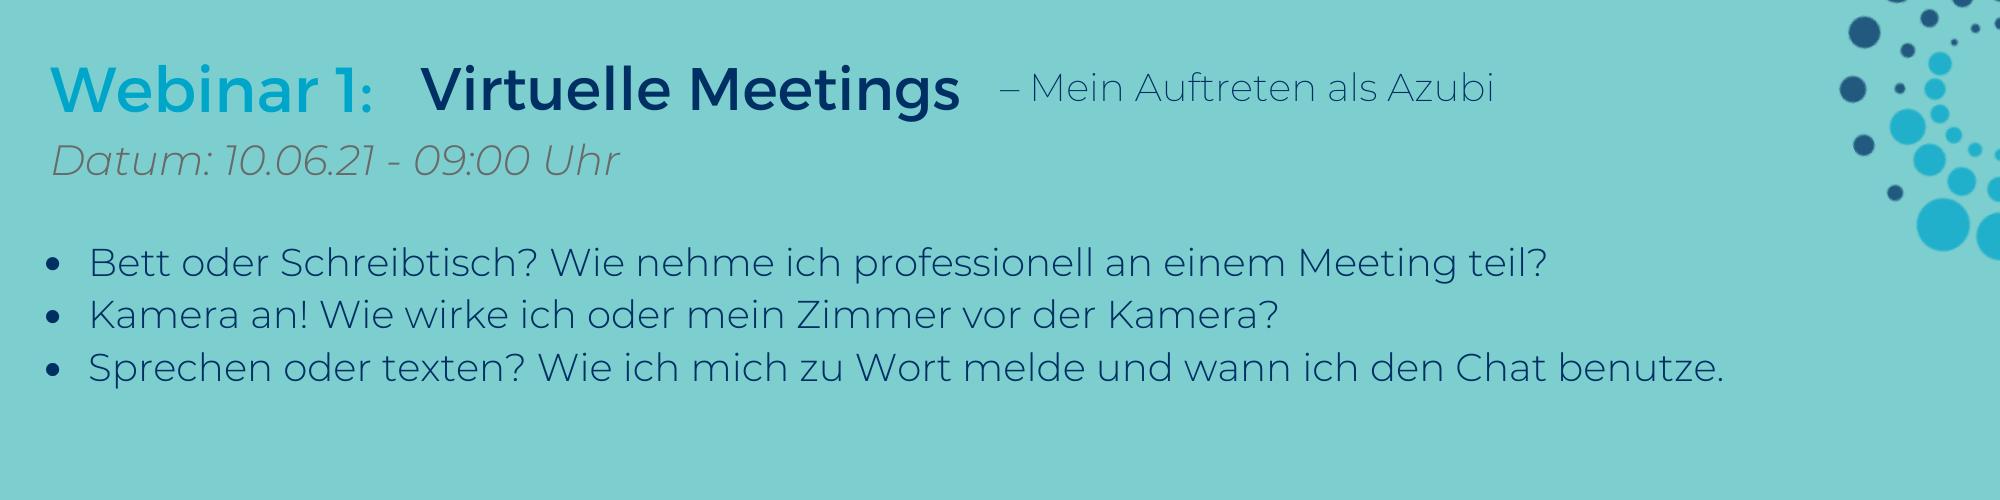 Webinar 1: Virtuelle Meetings